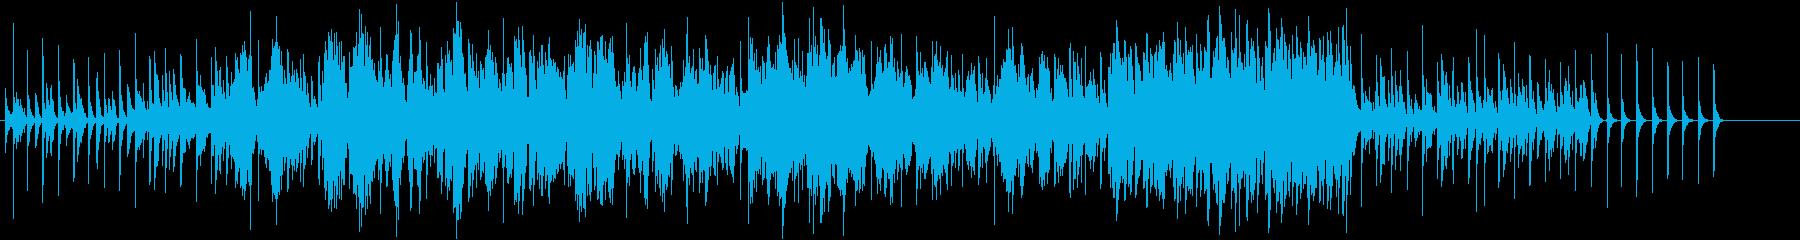 独特なリズムと生ヴァイオリンの怪しげな曲の再生済みの波形